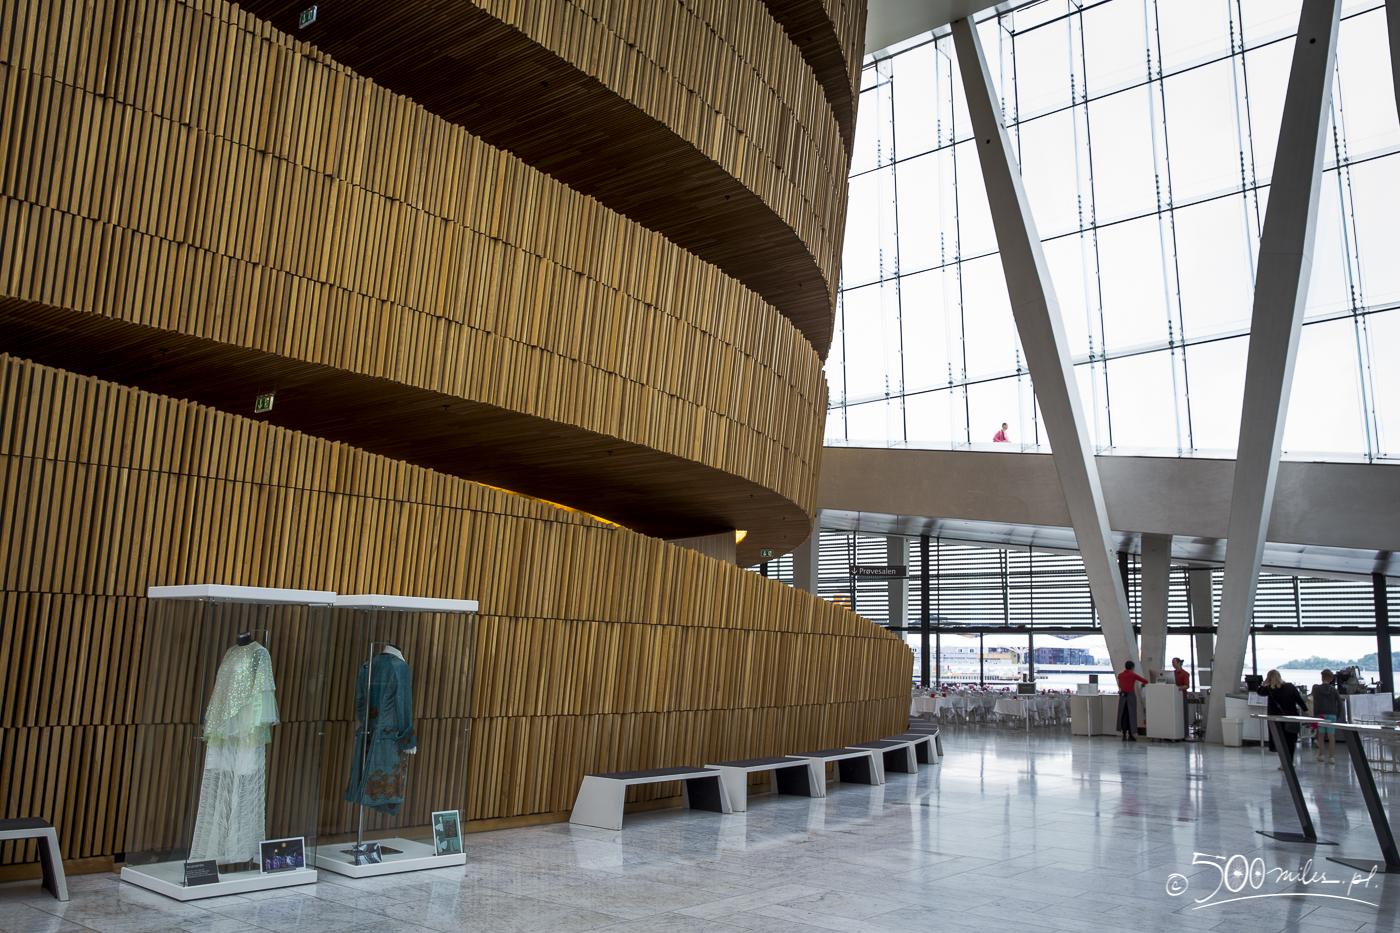 Oslo - Opera - interior